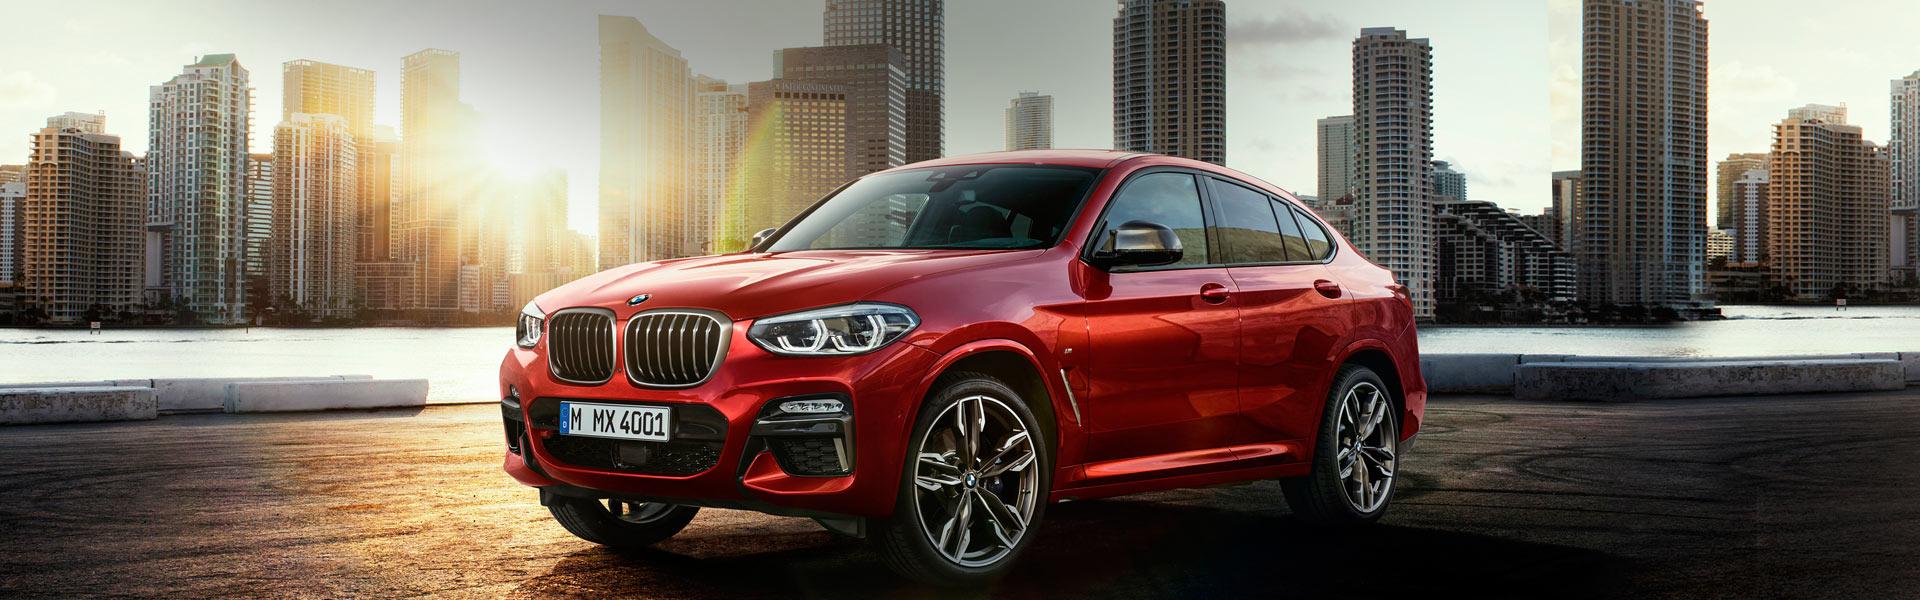 Запчасти на BMW X4